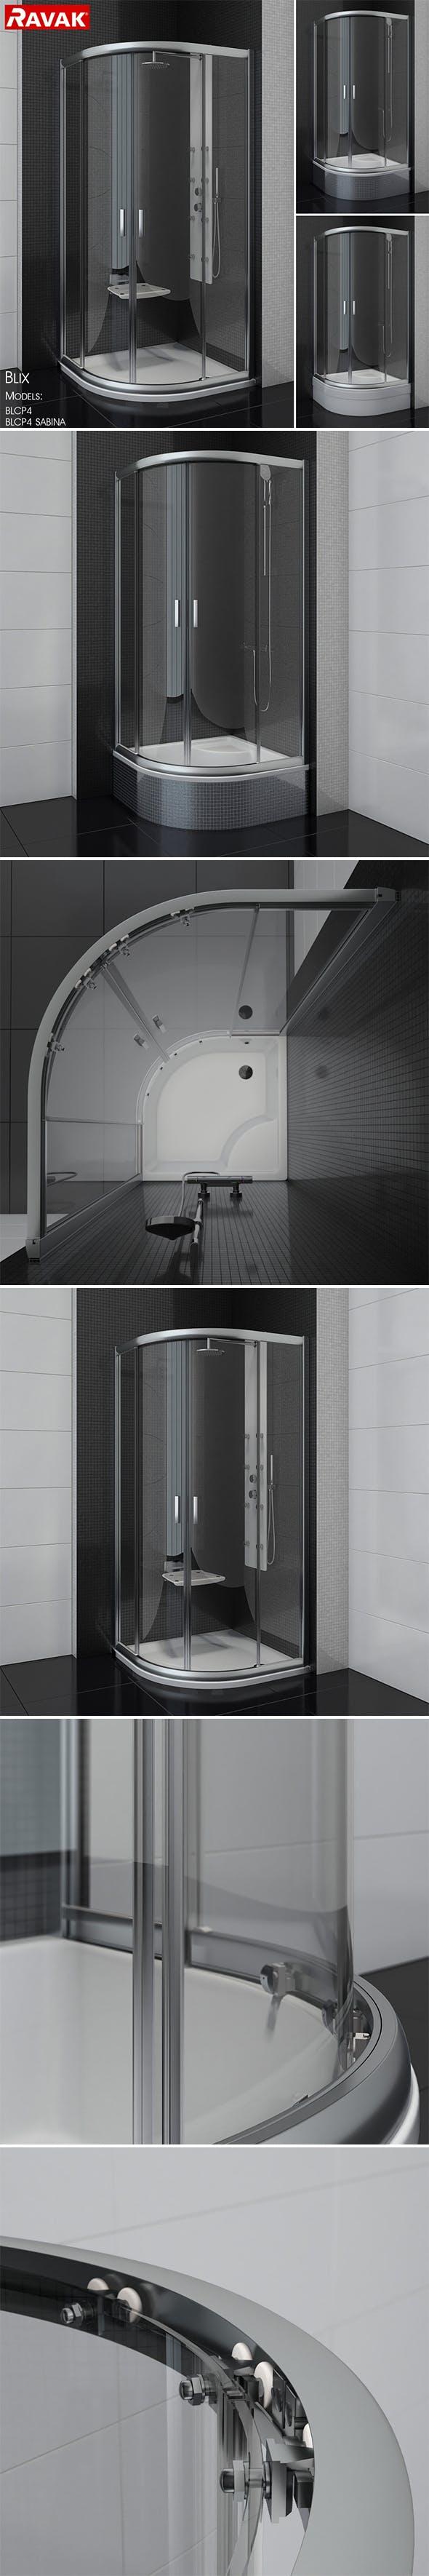 Semicircular shower enclosures Ravak Blix - 3DOcean Item for Sale